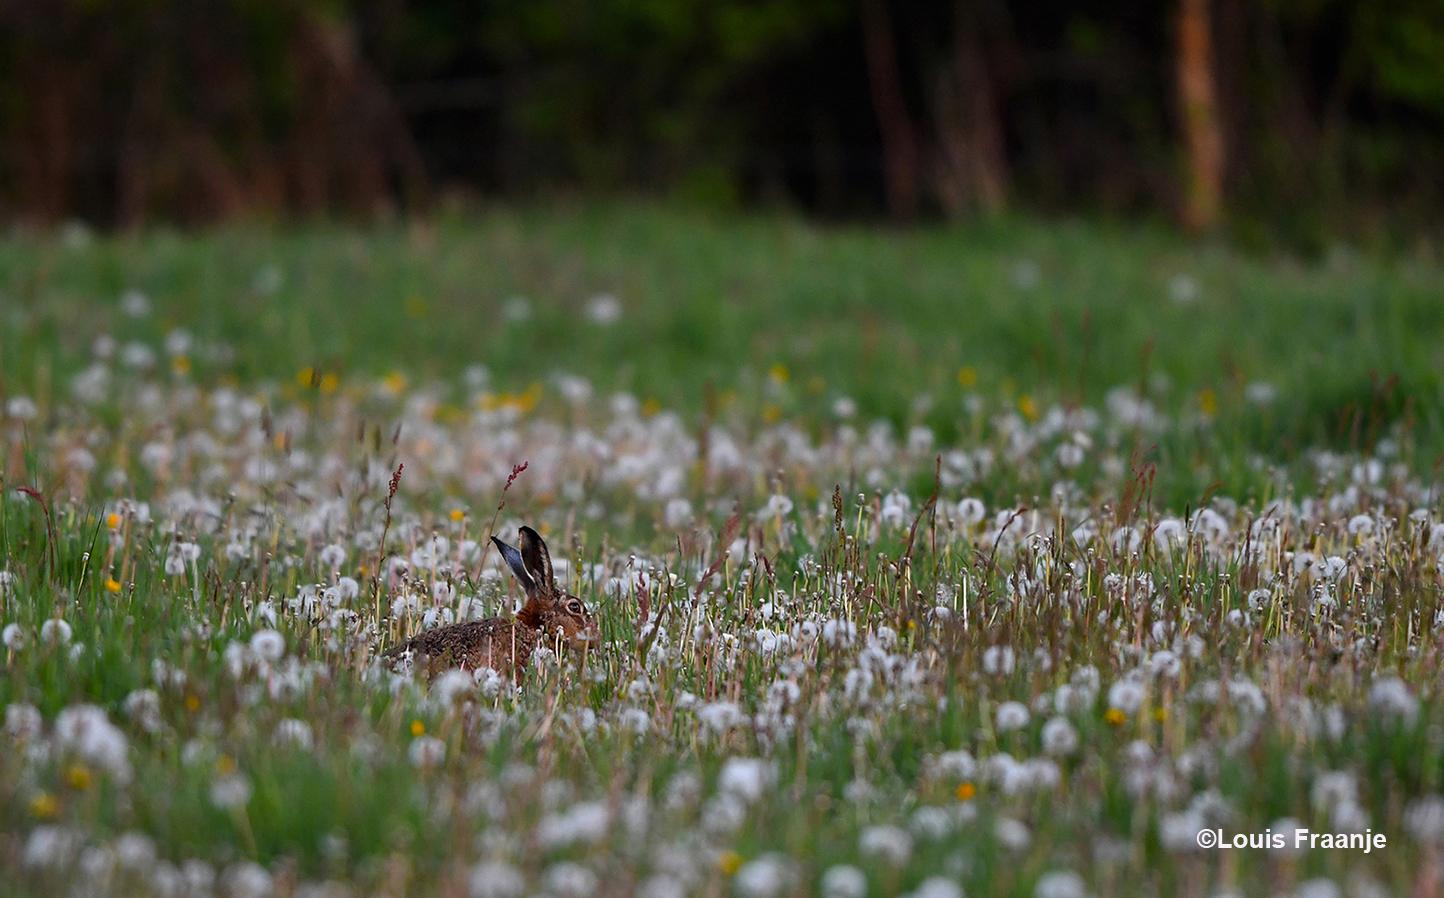 Ineens komt er tussen de uitgebloeide paardenbloemen een haas tevoorschijn - Foto: ©Louis Fraanje